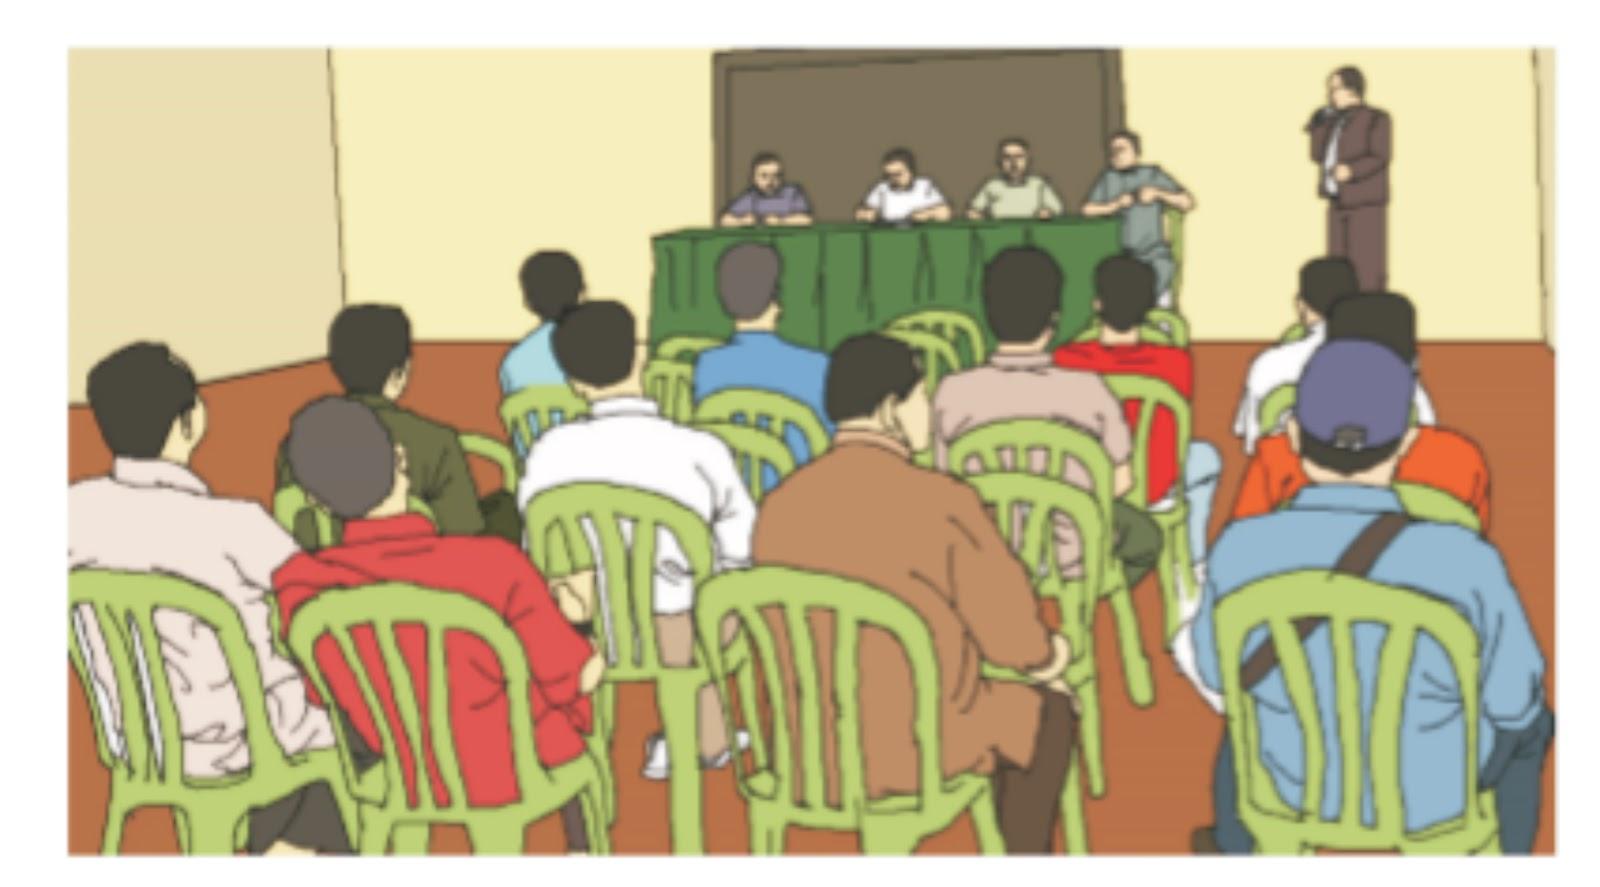 Nilai Nilai Yang Terkandung Dalam Sila Sila Pancasila Materi Kelas V Tema 1 Sub Tema 1 Pembelajaran Ke 3 Gurune Net